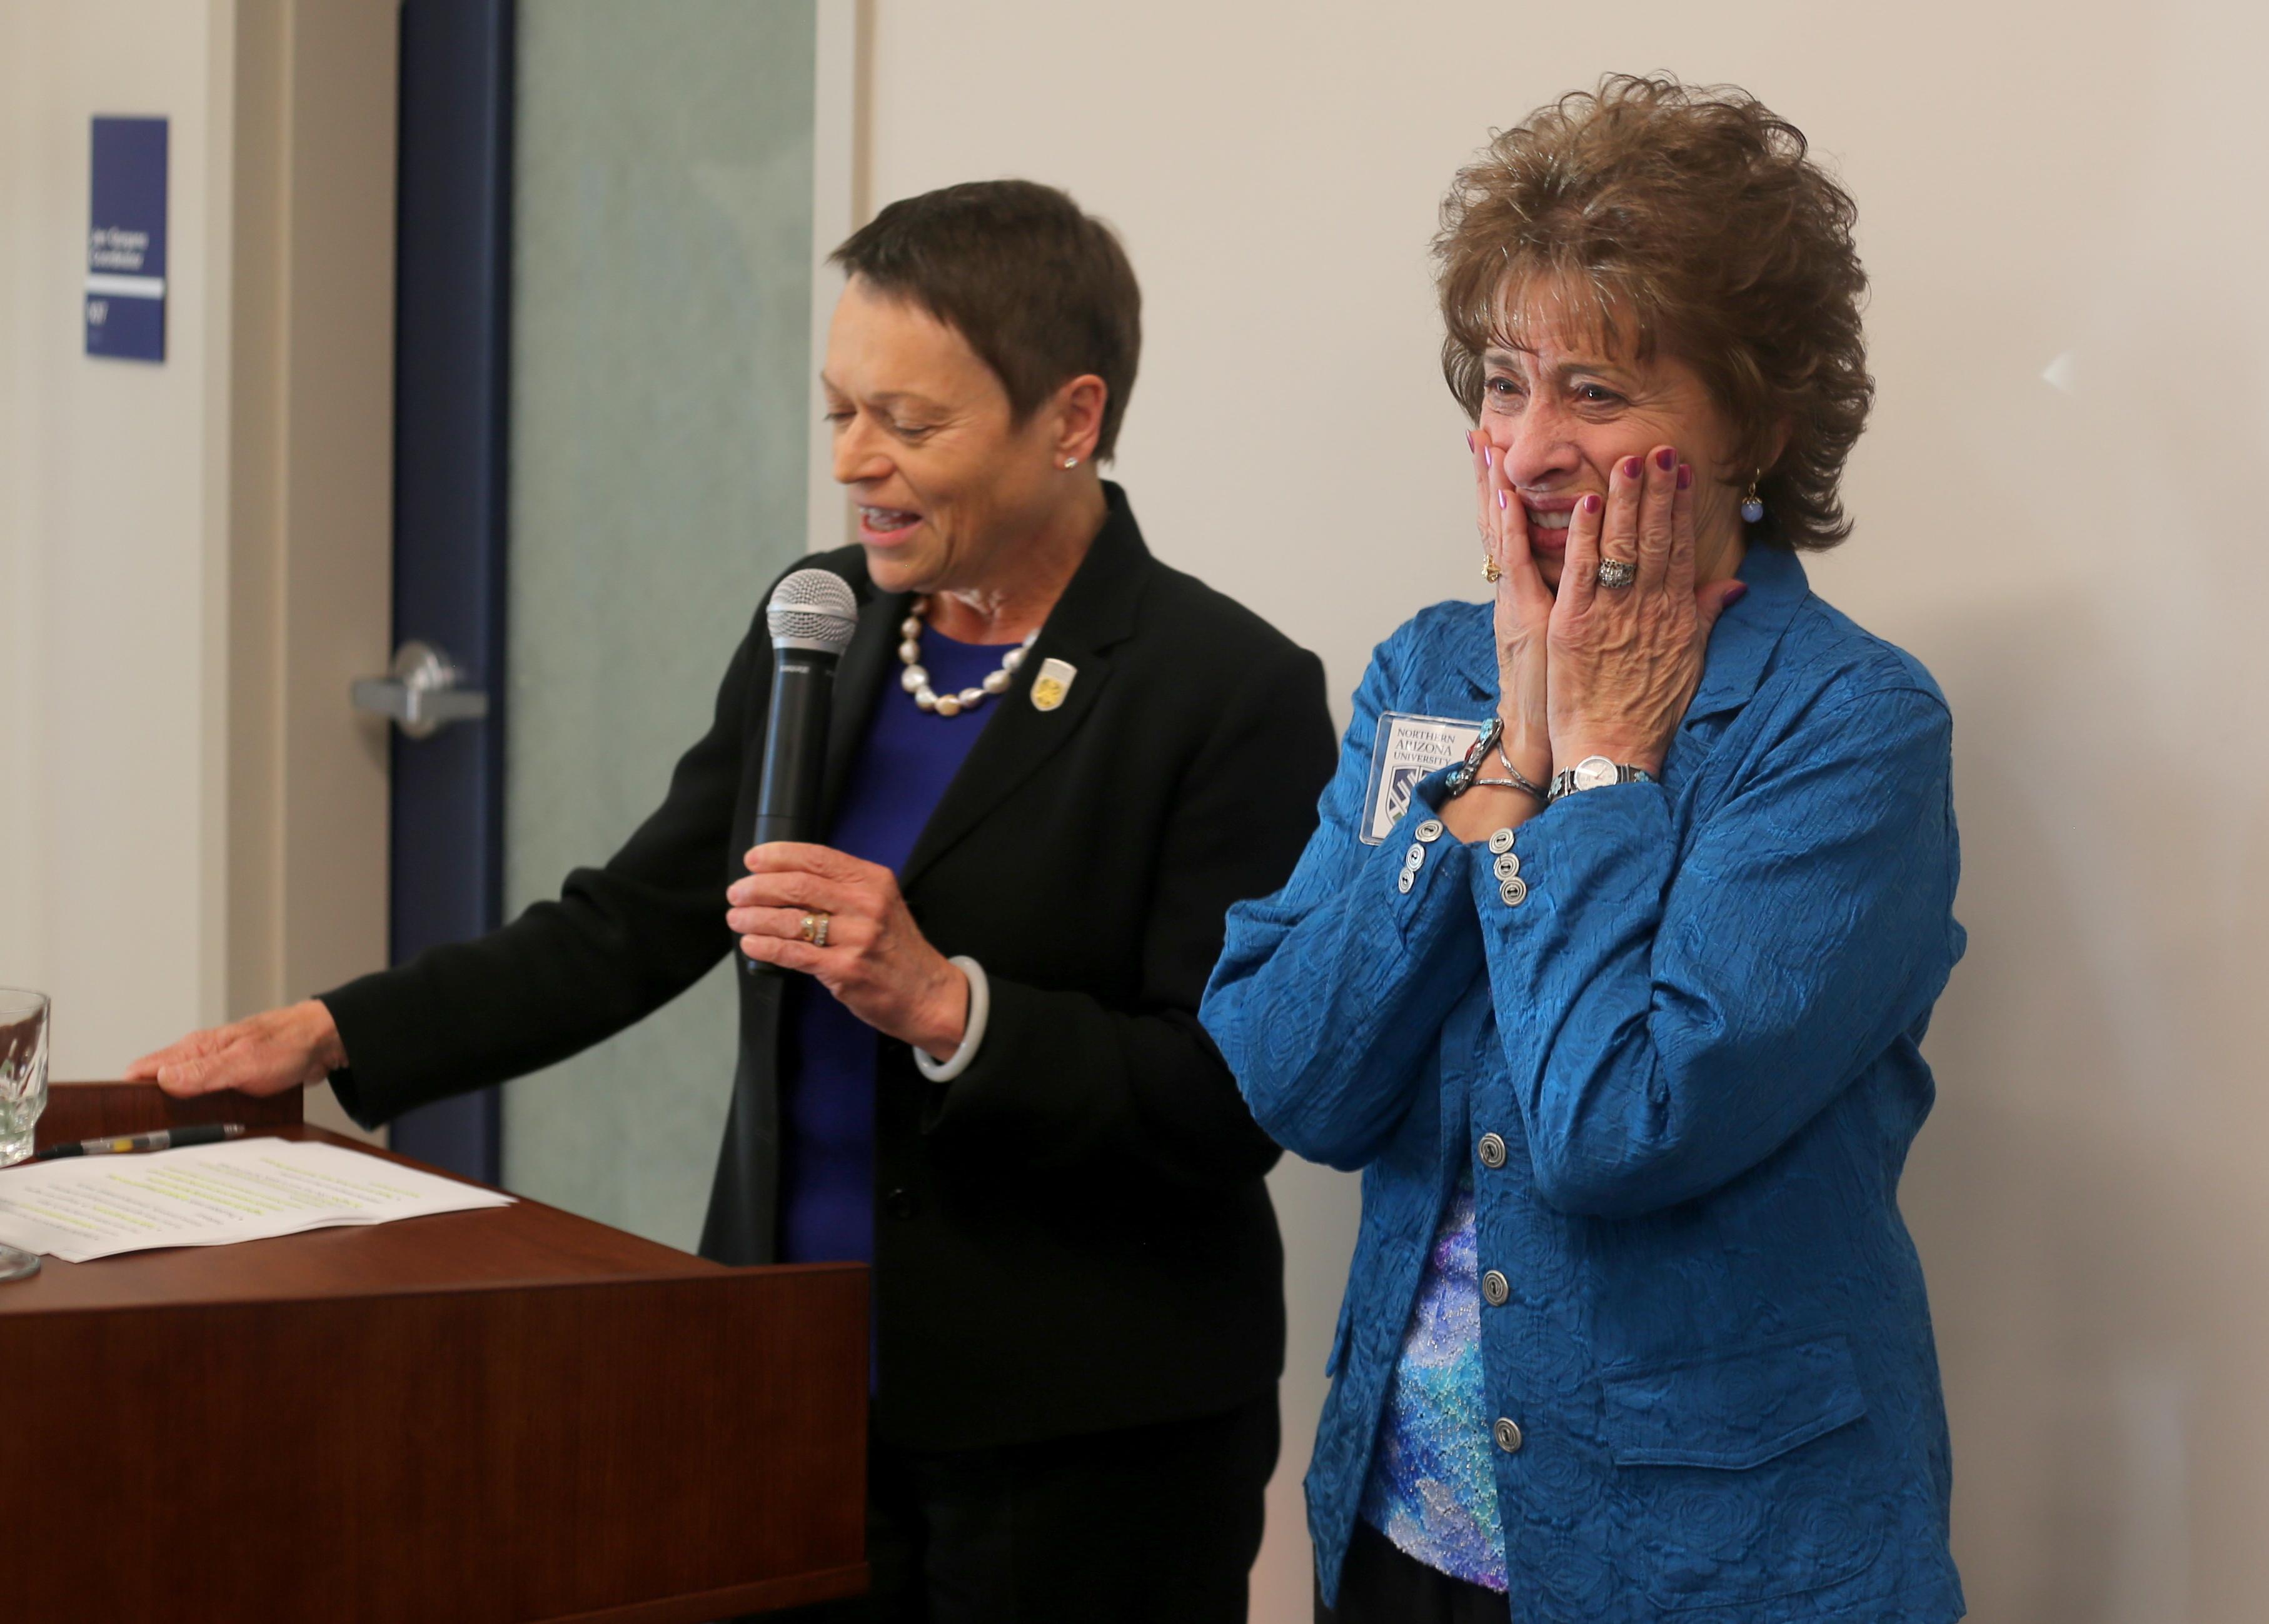 President Cheng and Margaret Ann Hughes